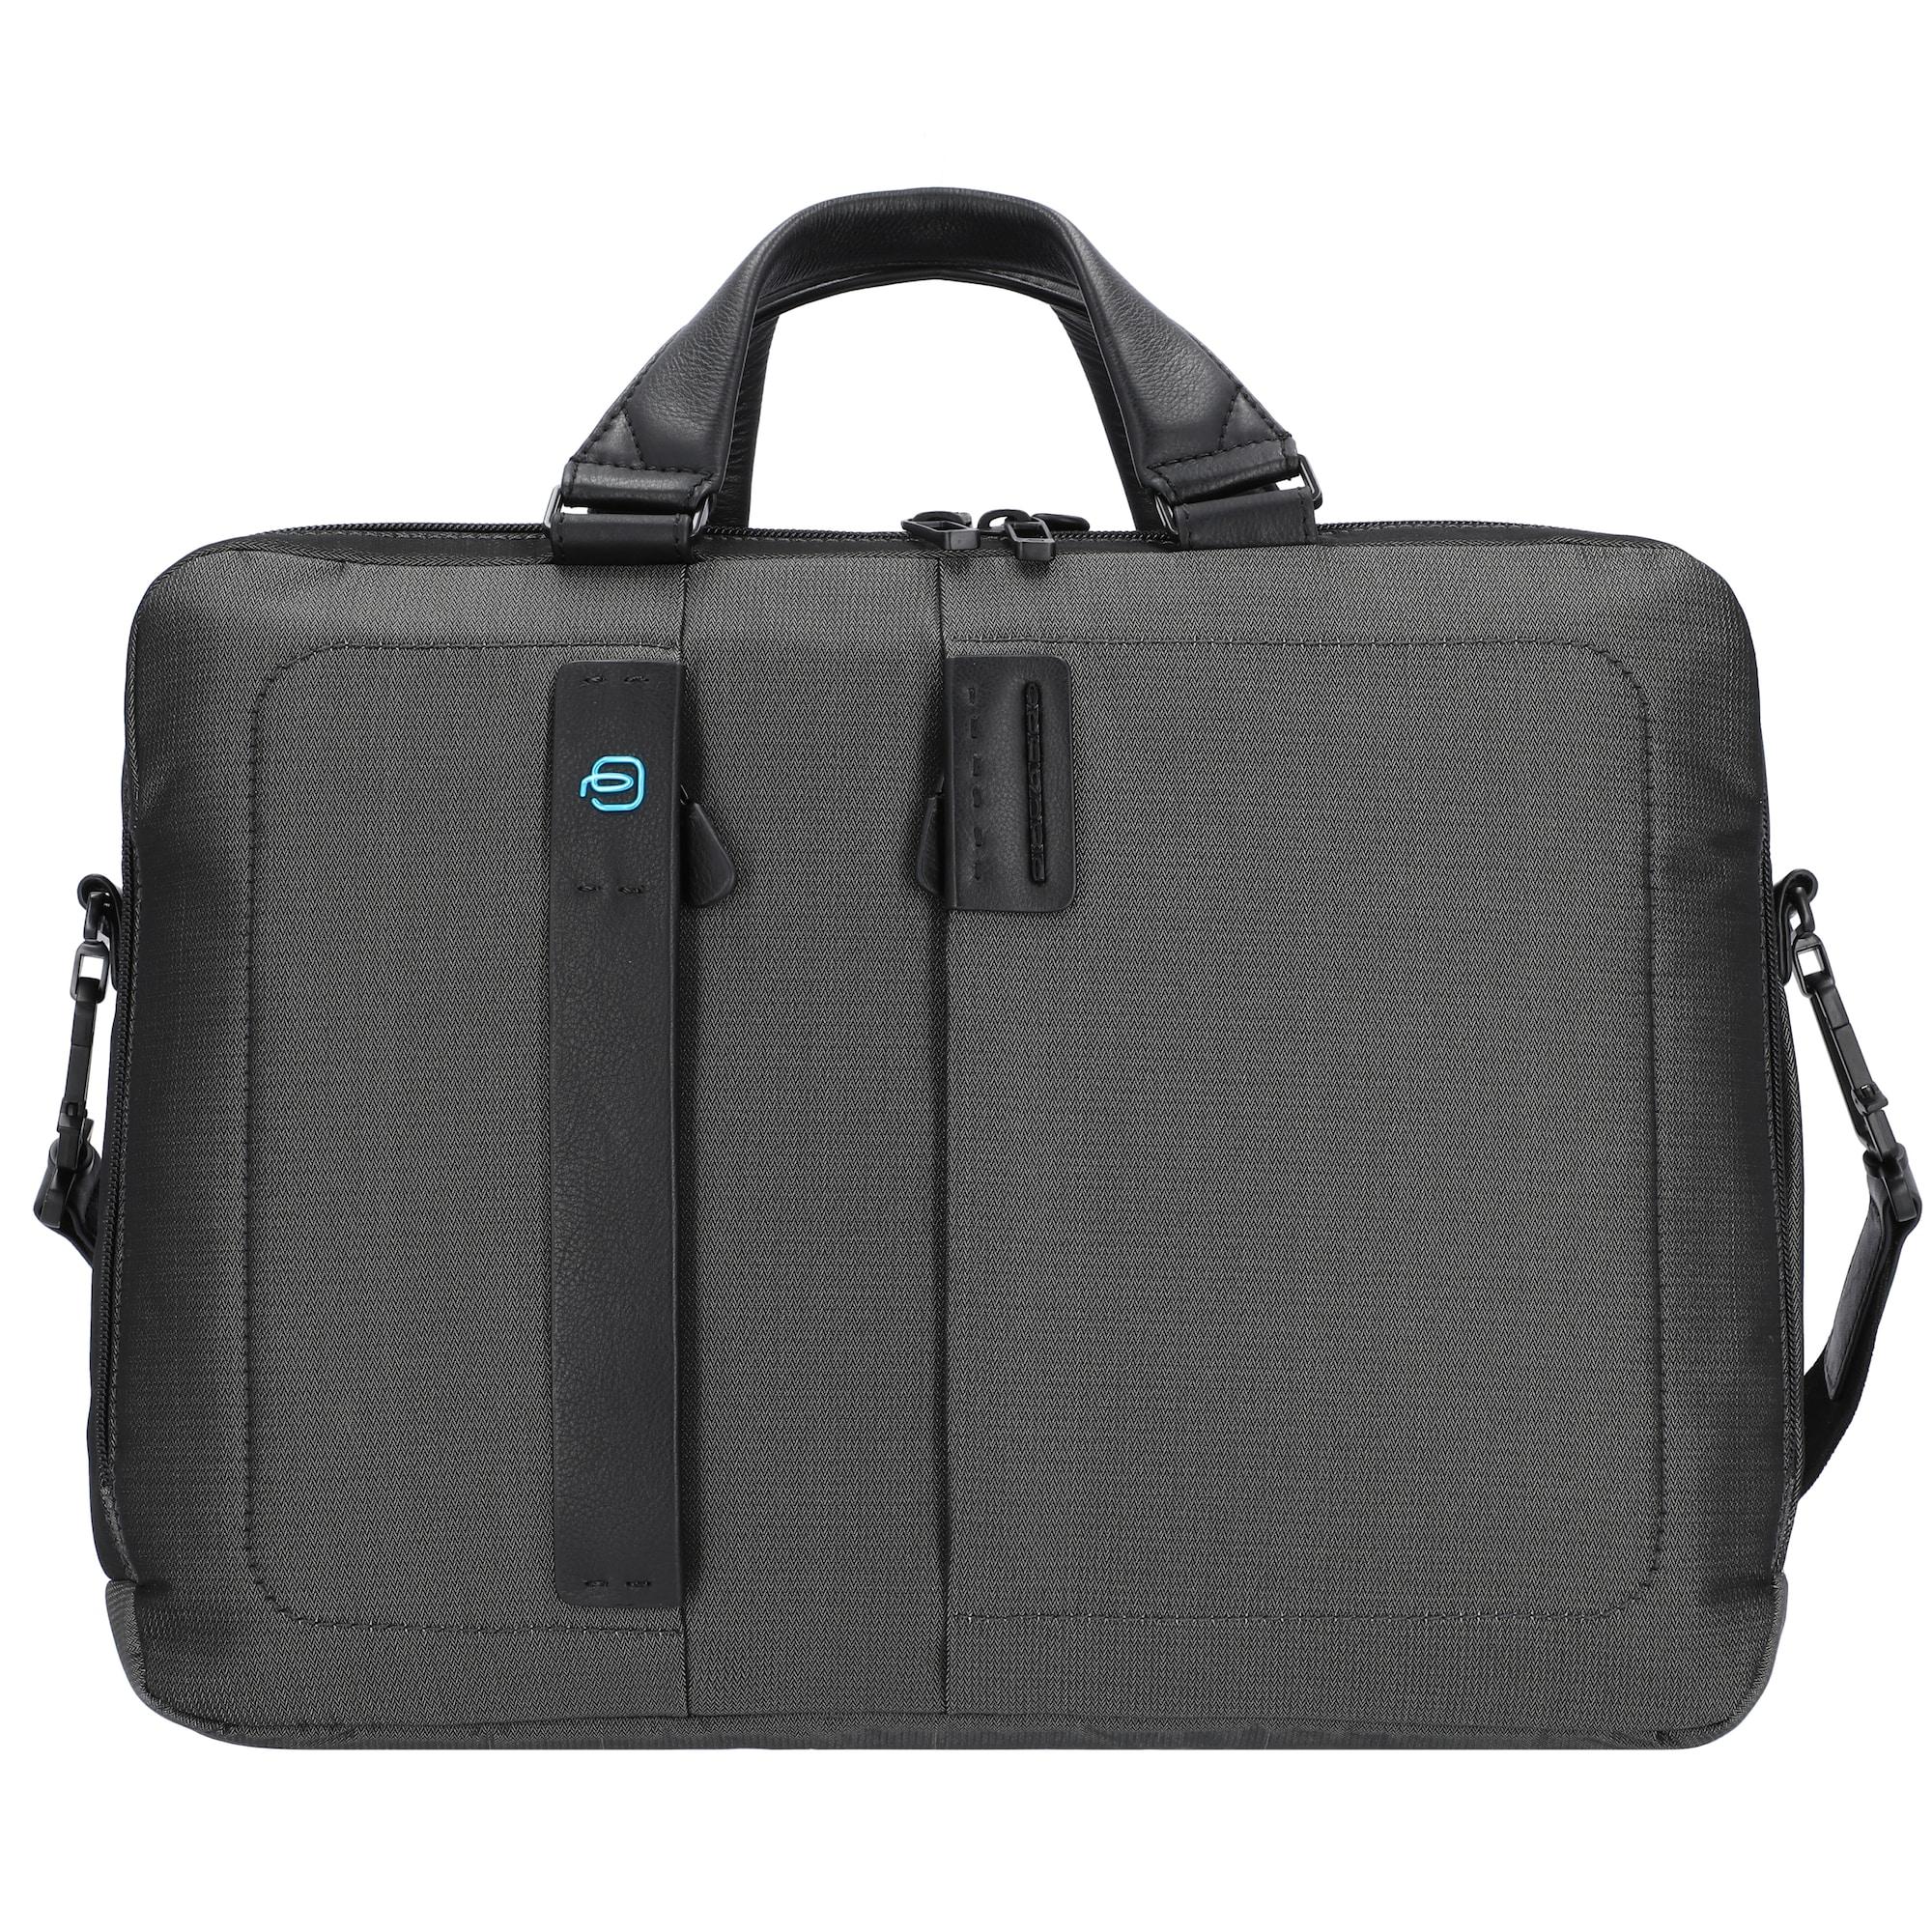 Laptoptasche | Taschen > Business Taschen > Laptoptaschen | Piquadro